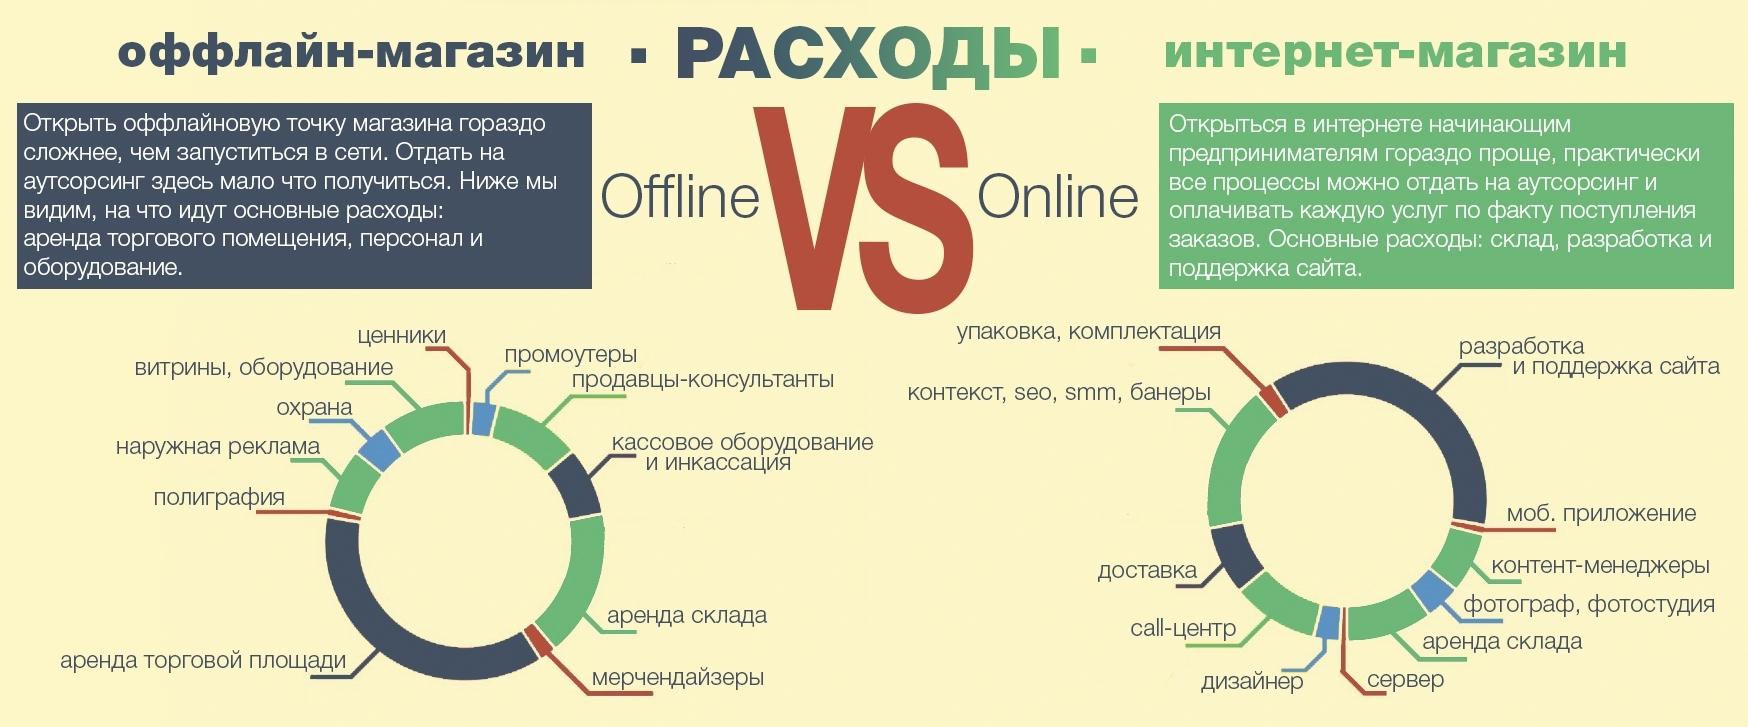 сравнение интернет магазина и офлайн магазина